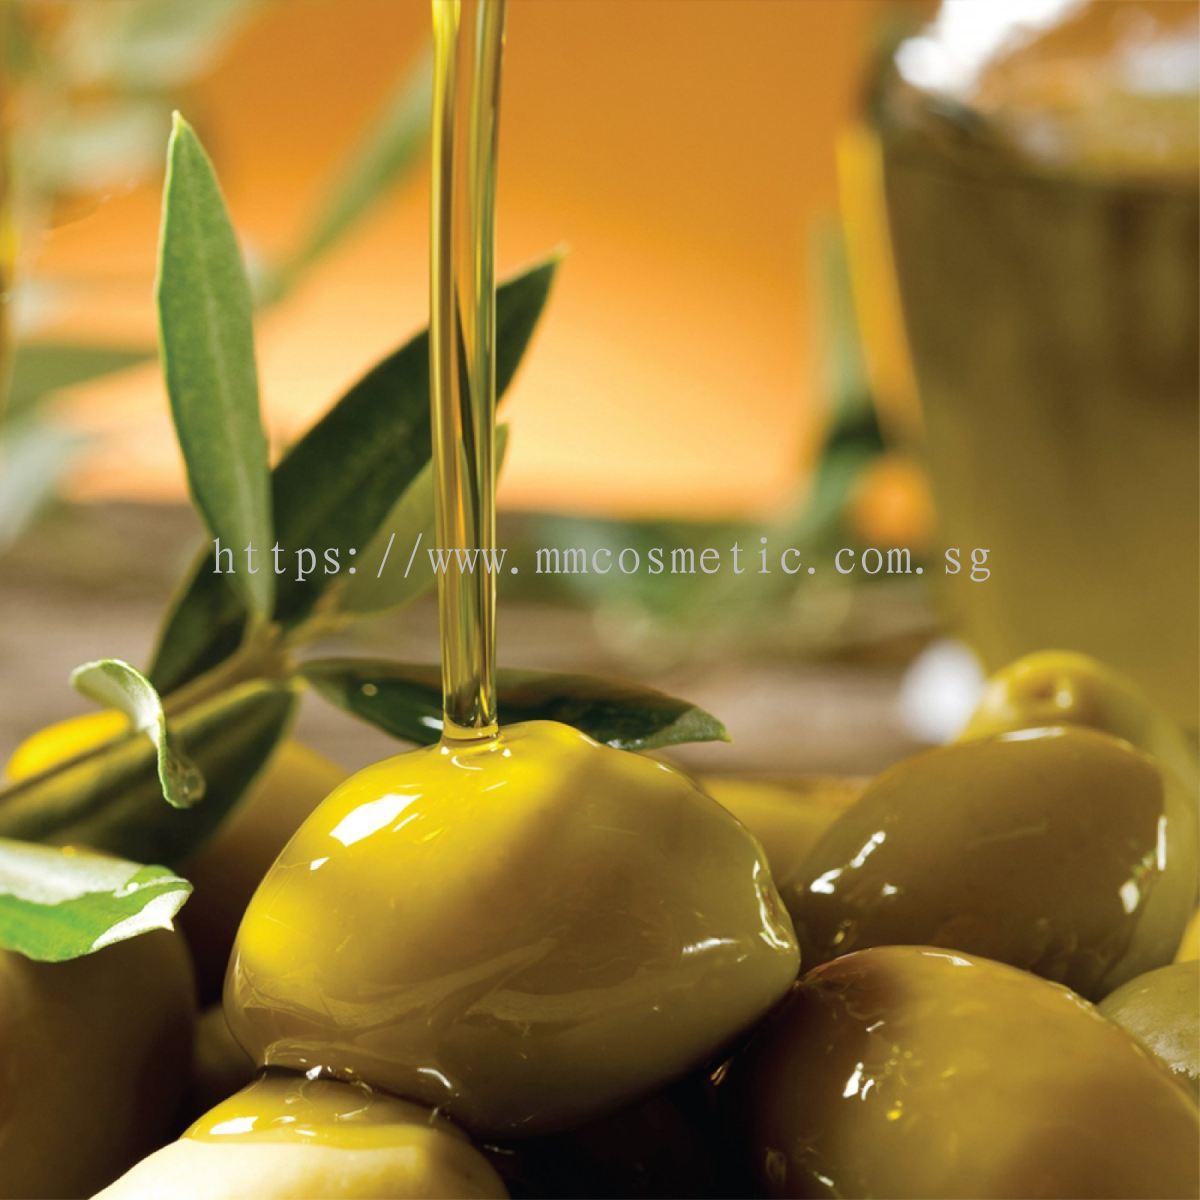 MM COSMETIC SDN BHD:HIDROX 橄榄果汁